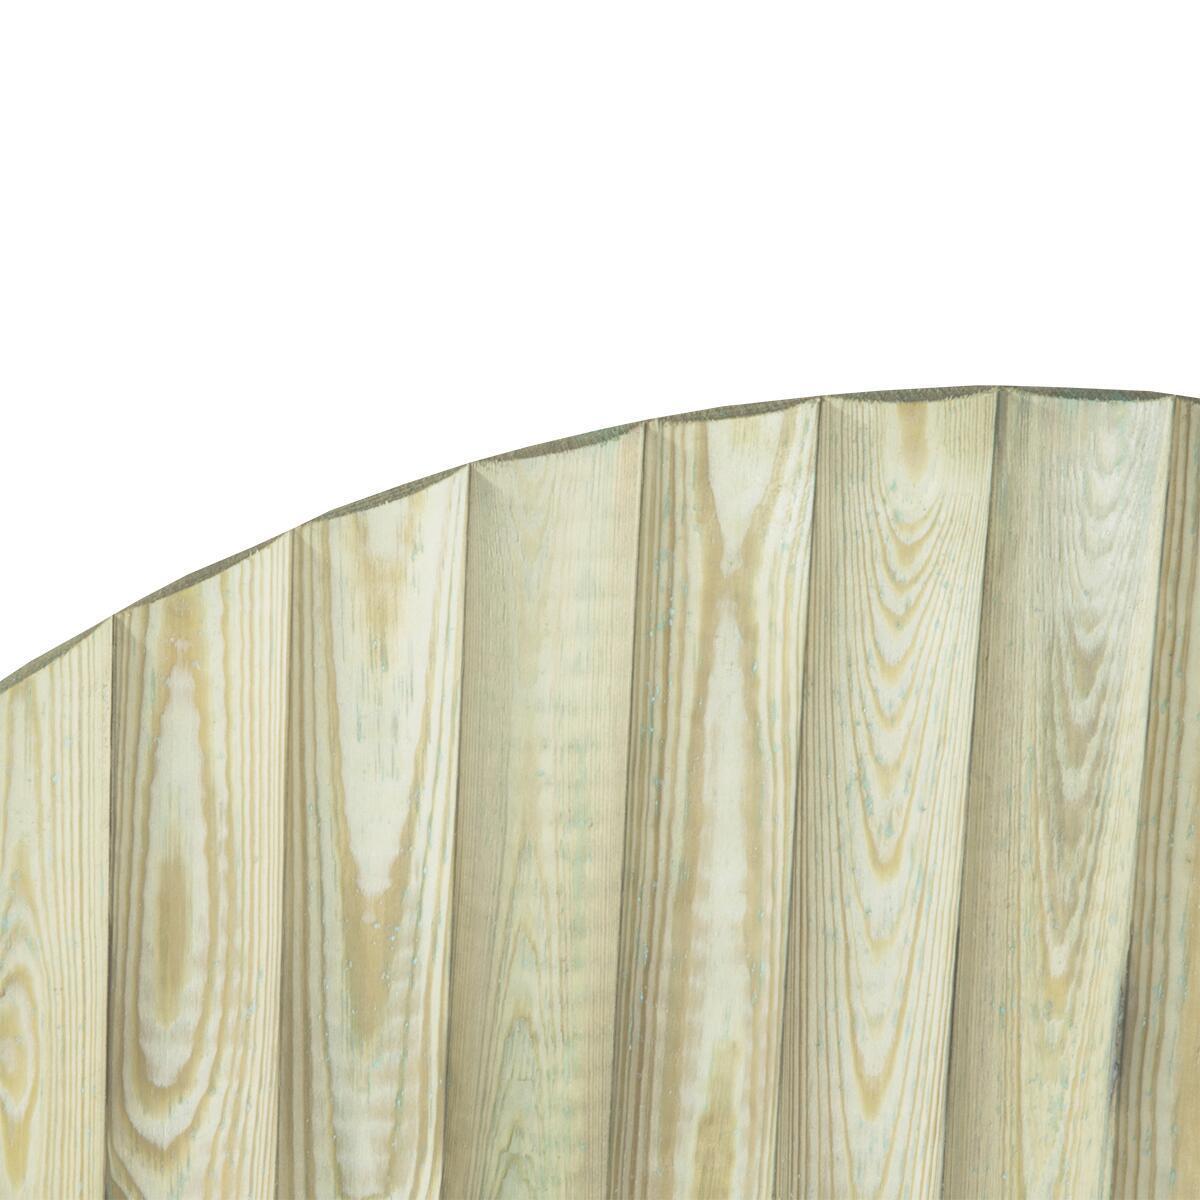 Bordo in legno L 55 x H 40 cm Sp 2.8 cm - 2